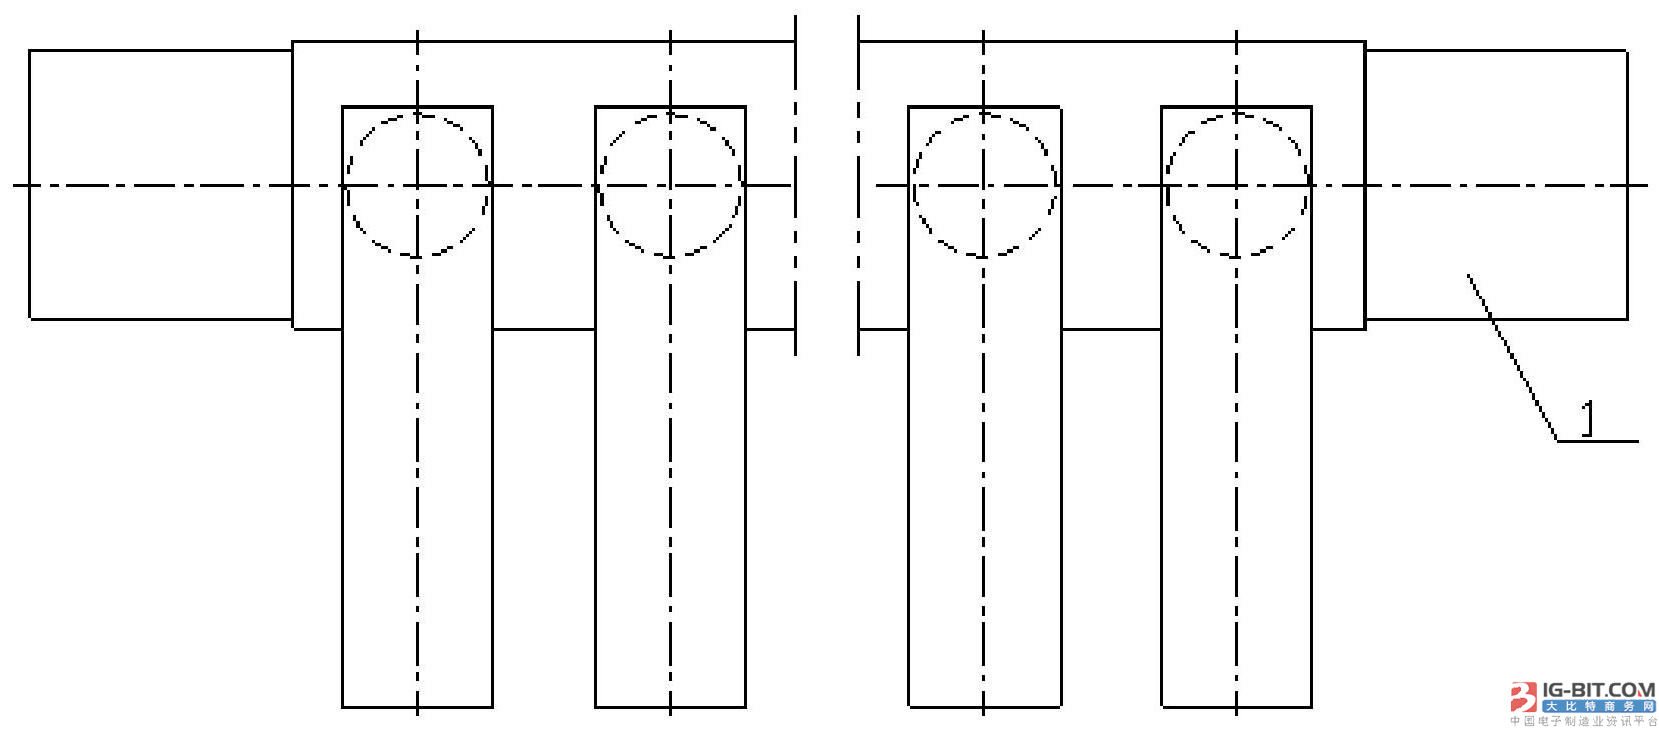 【仪表专利】一种永磁式液态金属流量计